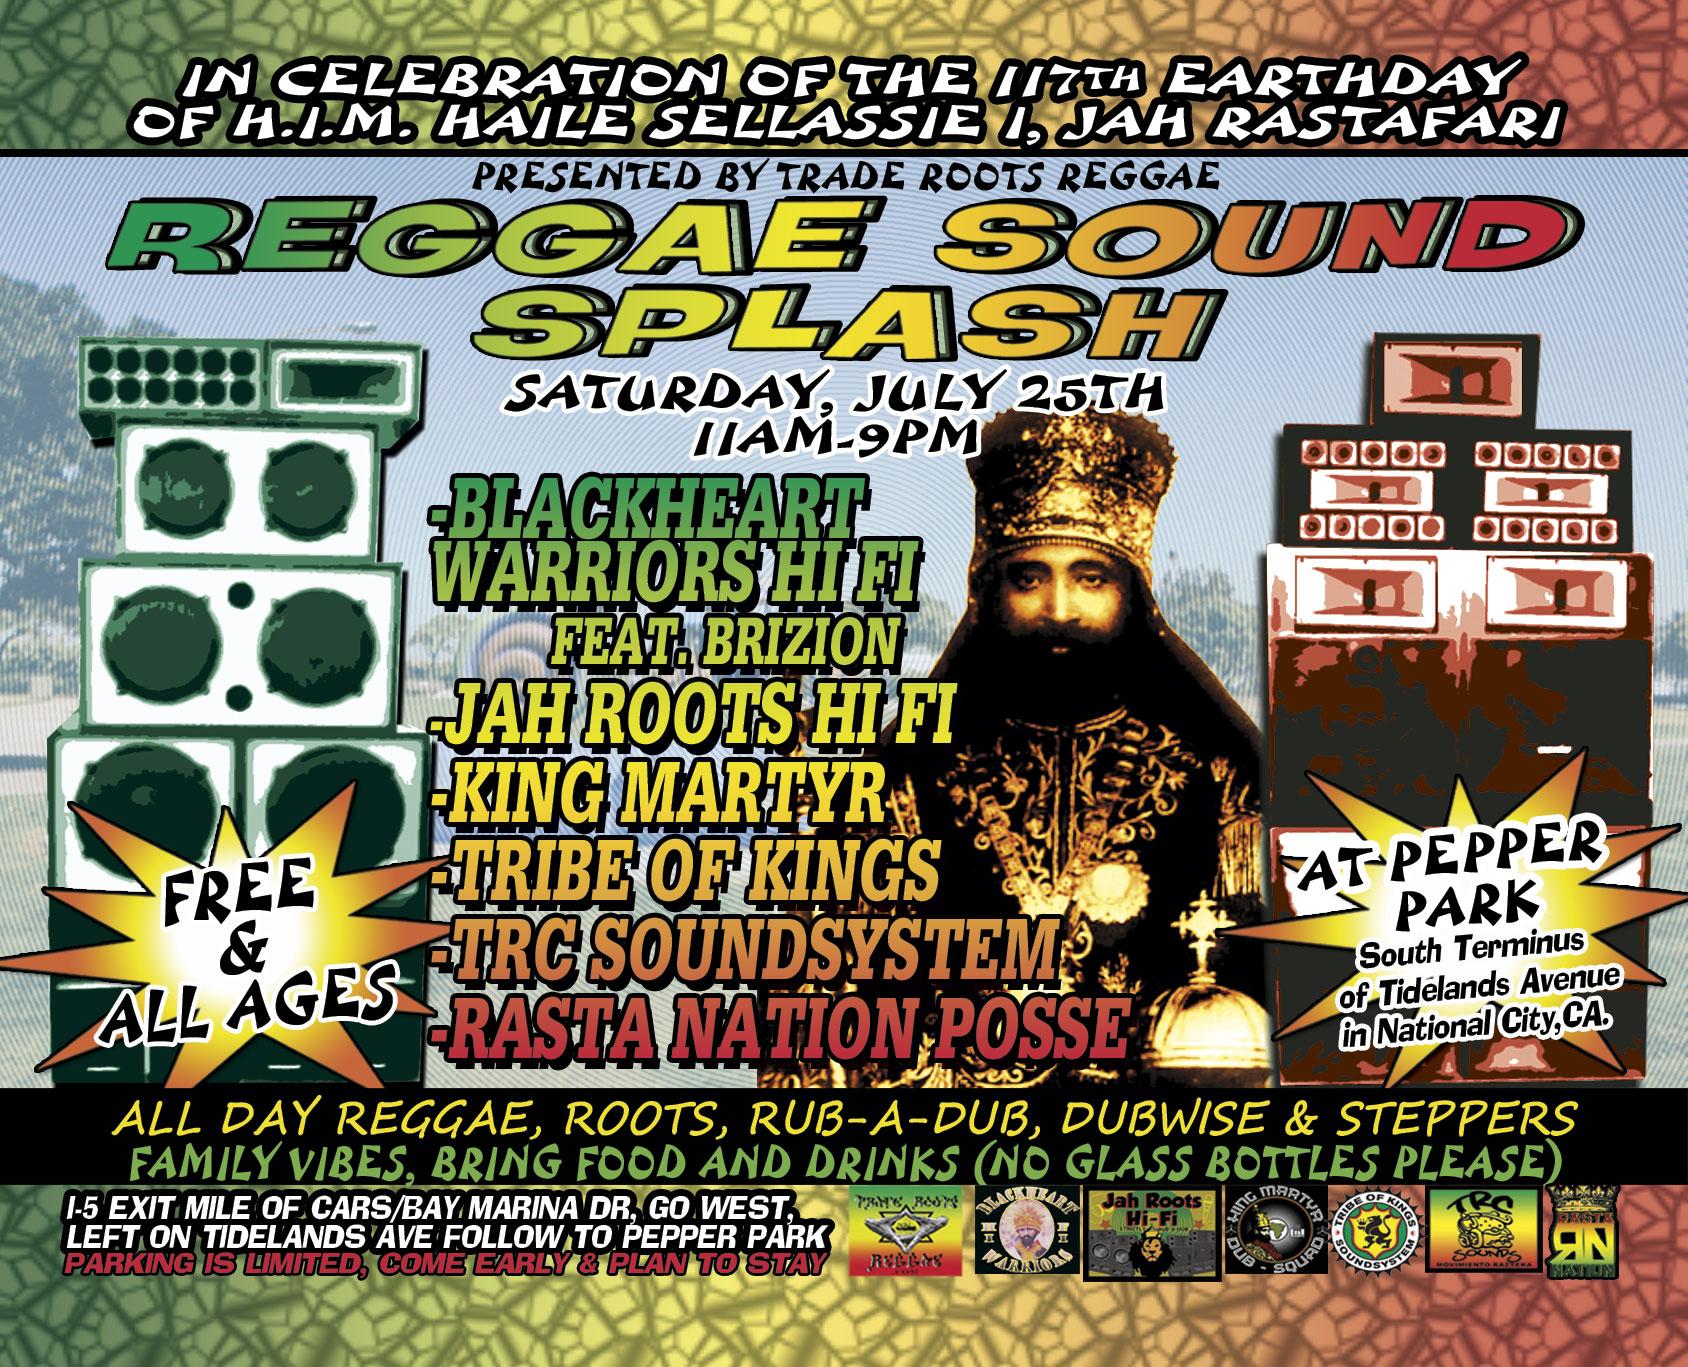 Reggae-Sound-Splash_jULY 25TH, 2009